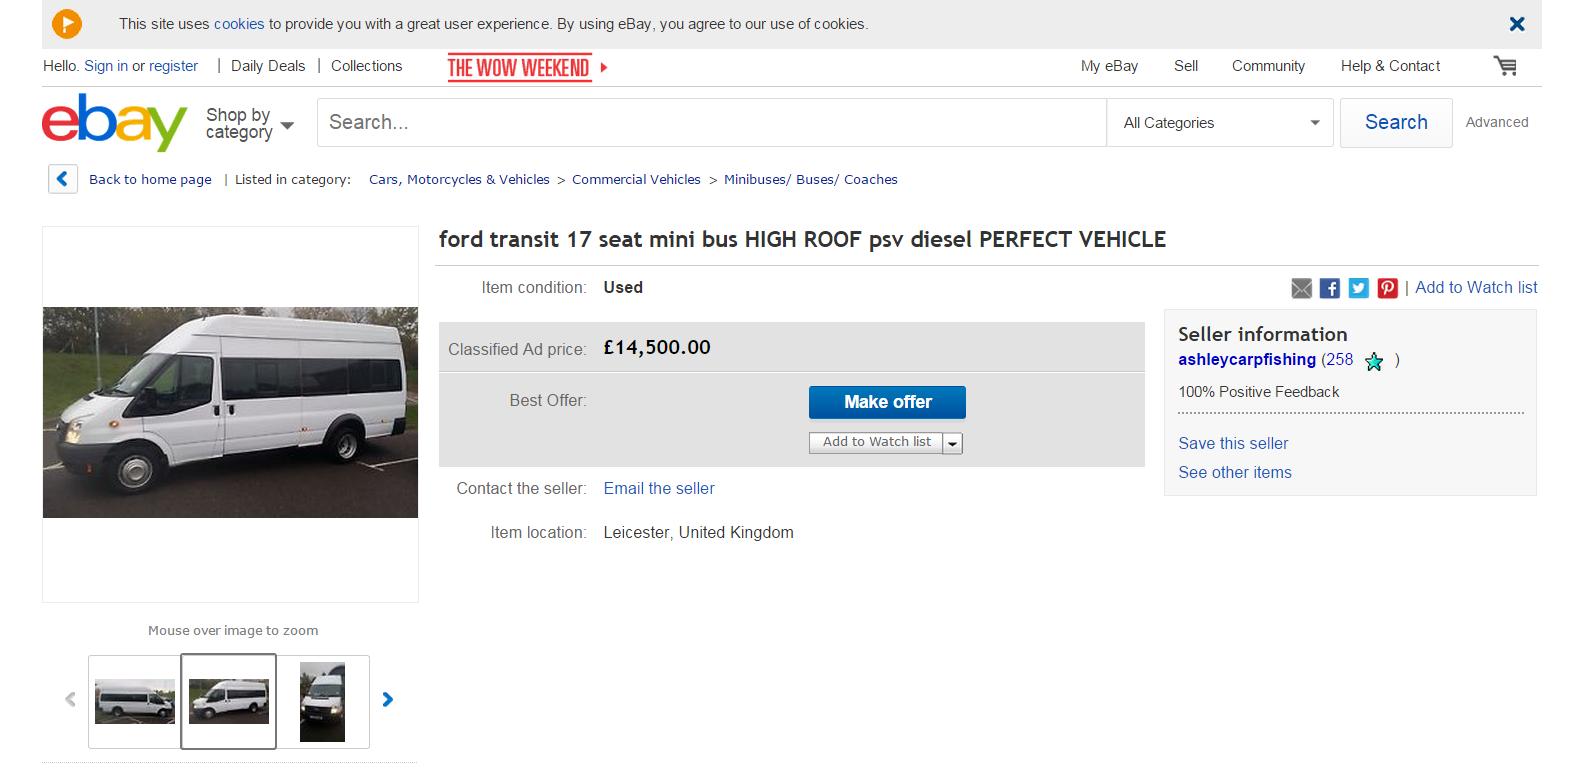 Thread scam on ebay ford transit 17 seat mini bus 2010 lt60dde fraud lt60 dde 09 dec 1